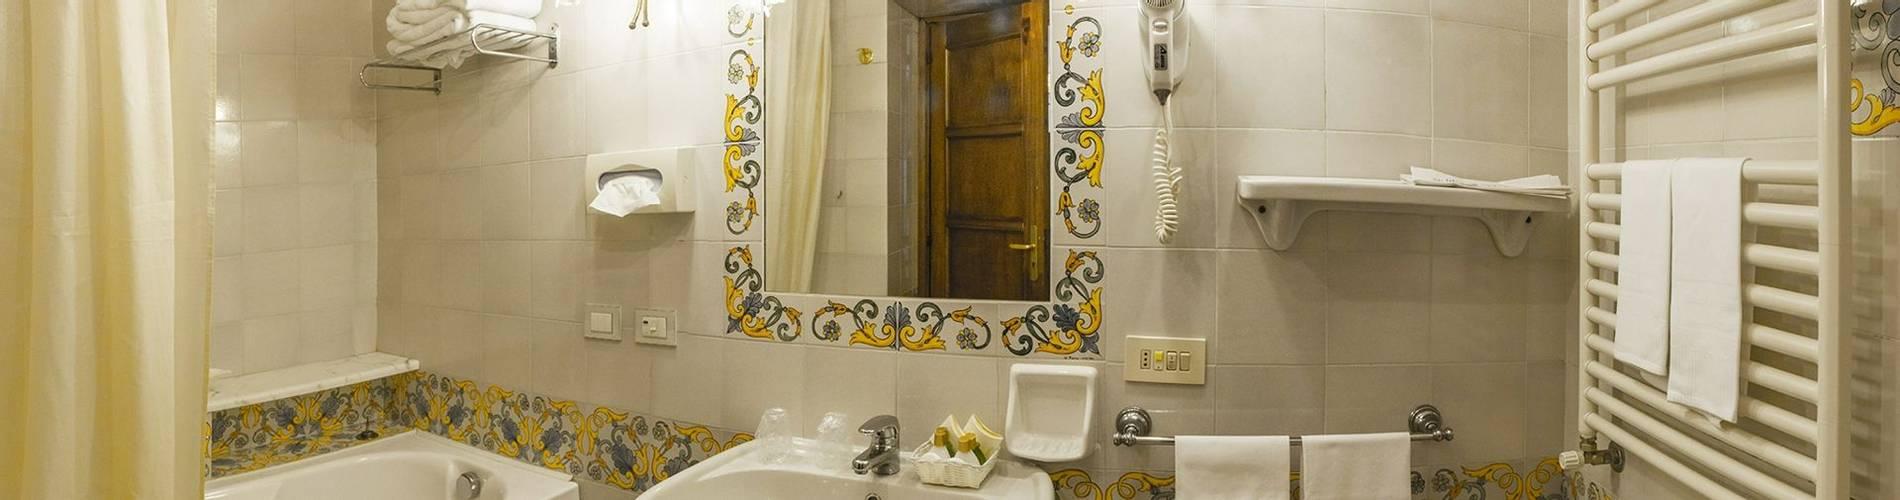 Villa Maria, Amalfi Coast, Italy, Bathroom.jpg